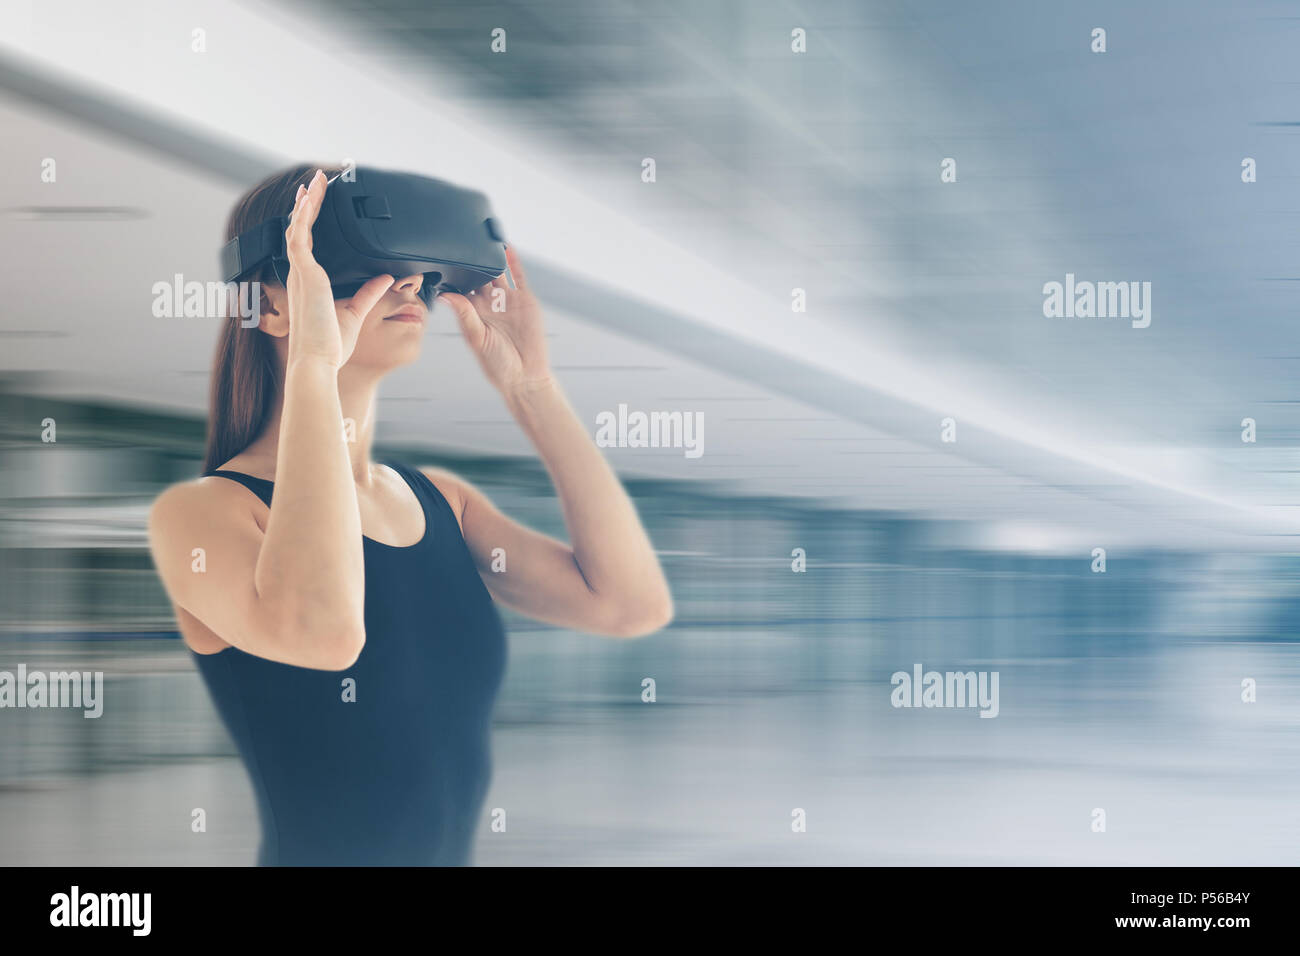 Jeune femme avec des lunettes de réalité virtuelle. Technologie du présent et l'avenir Banque D'Images